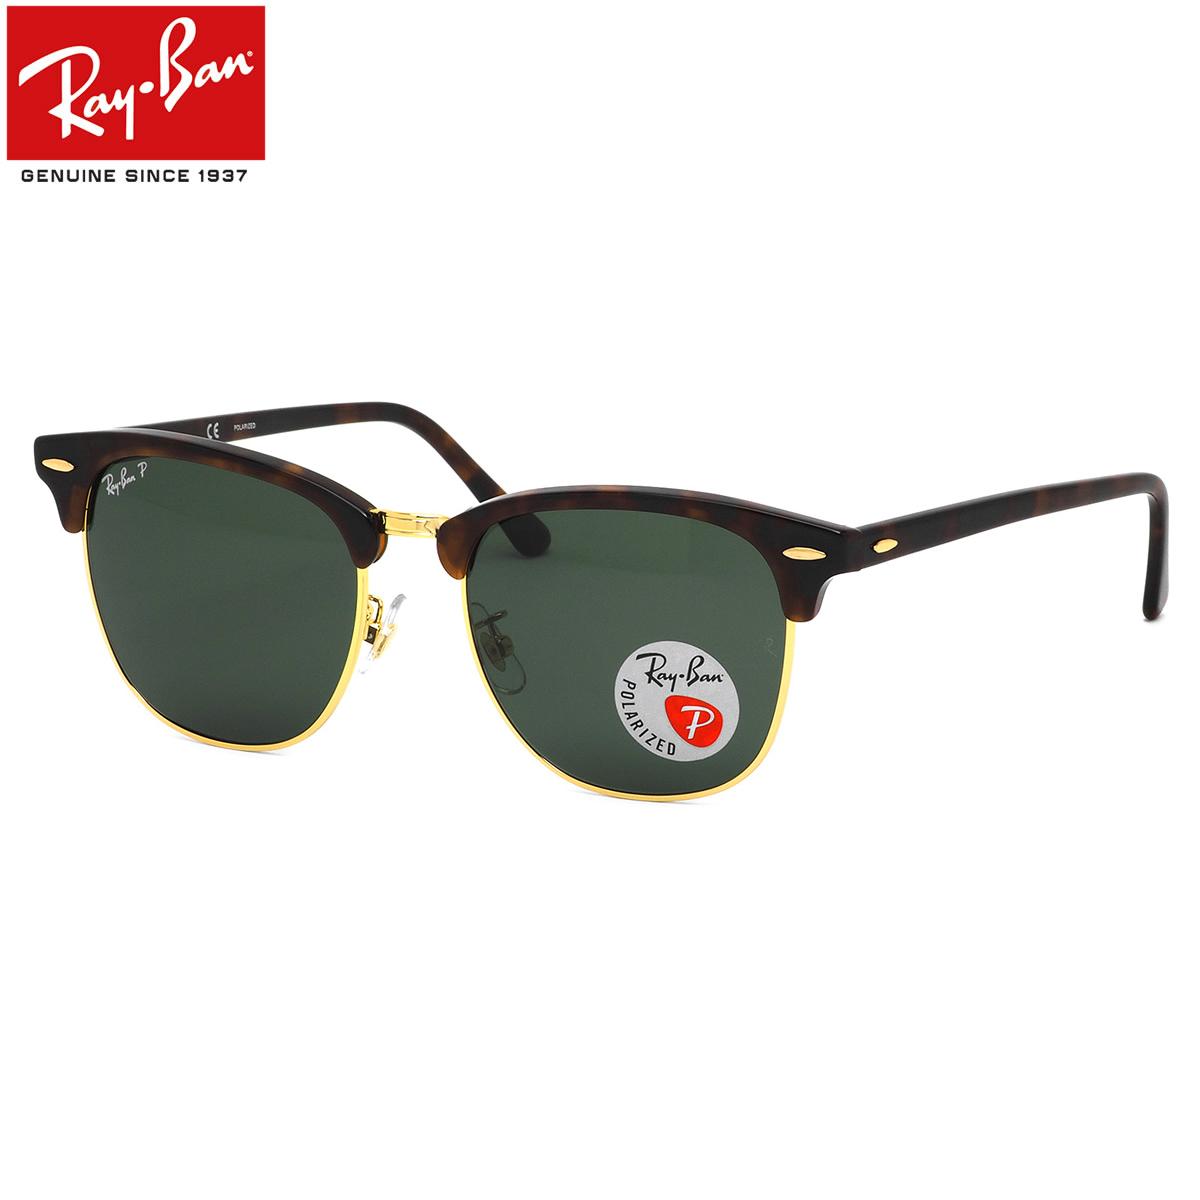 Ray-Ban レイバン サングラス RB3016F 990/58 55サイズ CLUBMASTER クラブマスター 99058 偏光レンズ 偏光サングラス フルフィット スクエア サーモントブロー レイバン RayBan メンズ レディース